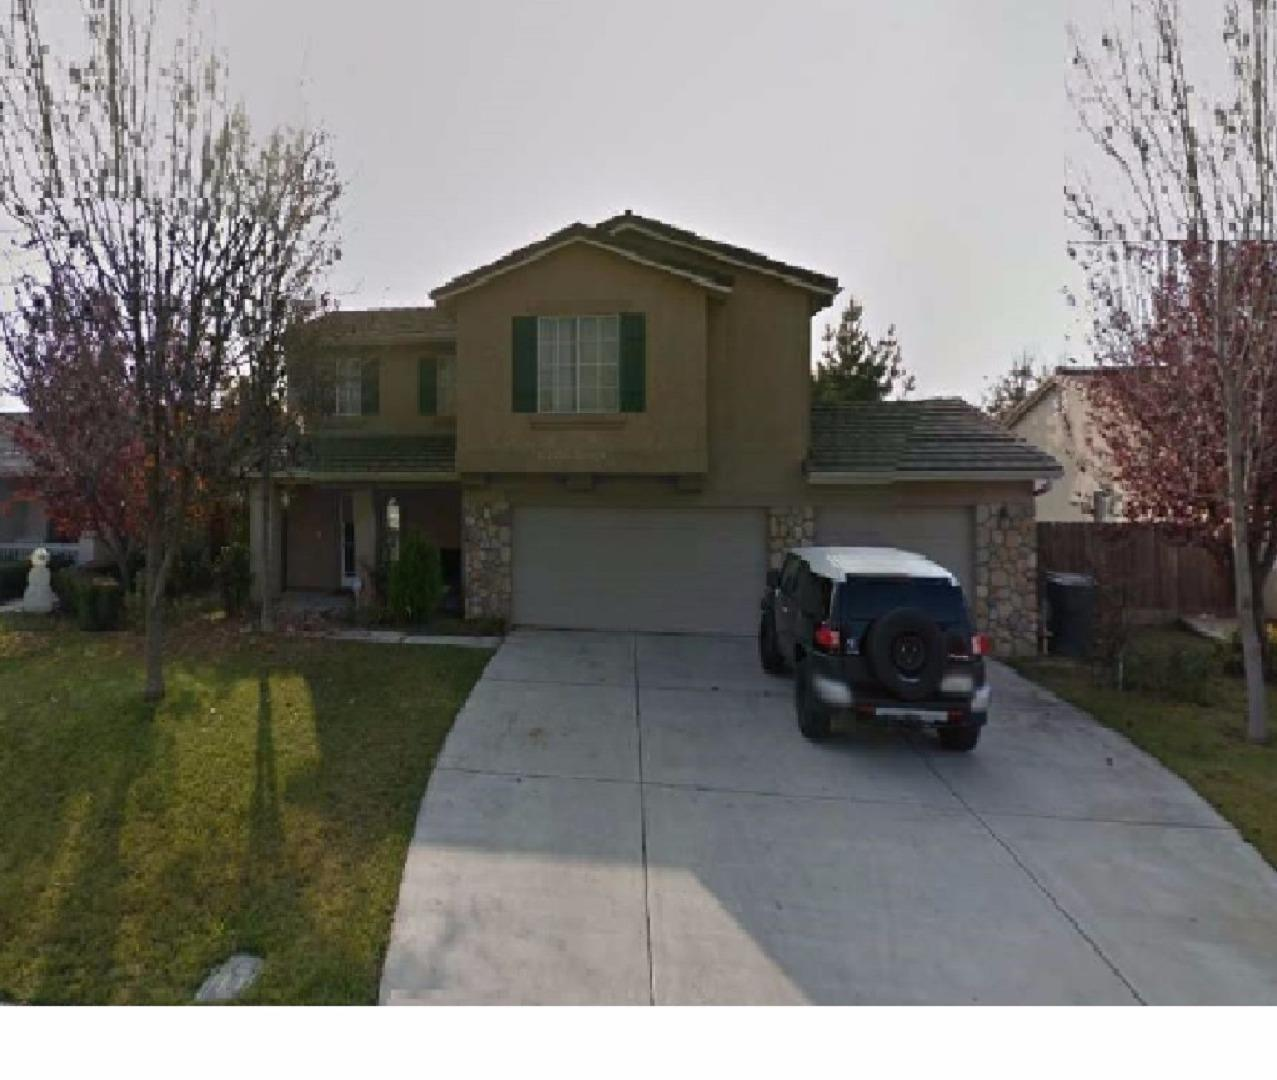 Single Family Home for Sale at 3939 W Delta Avenue 3939 W Delta Avenue Visalia, California 93291 United States